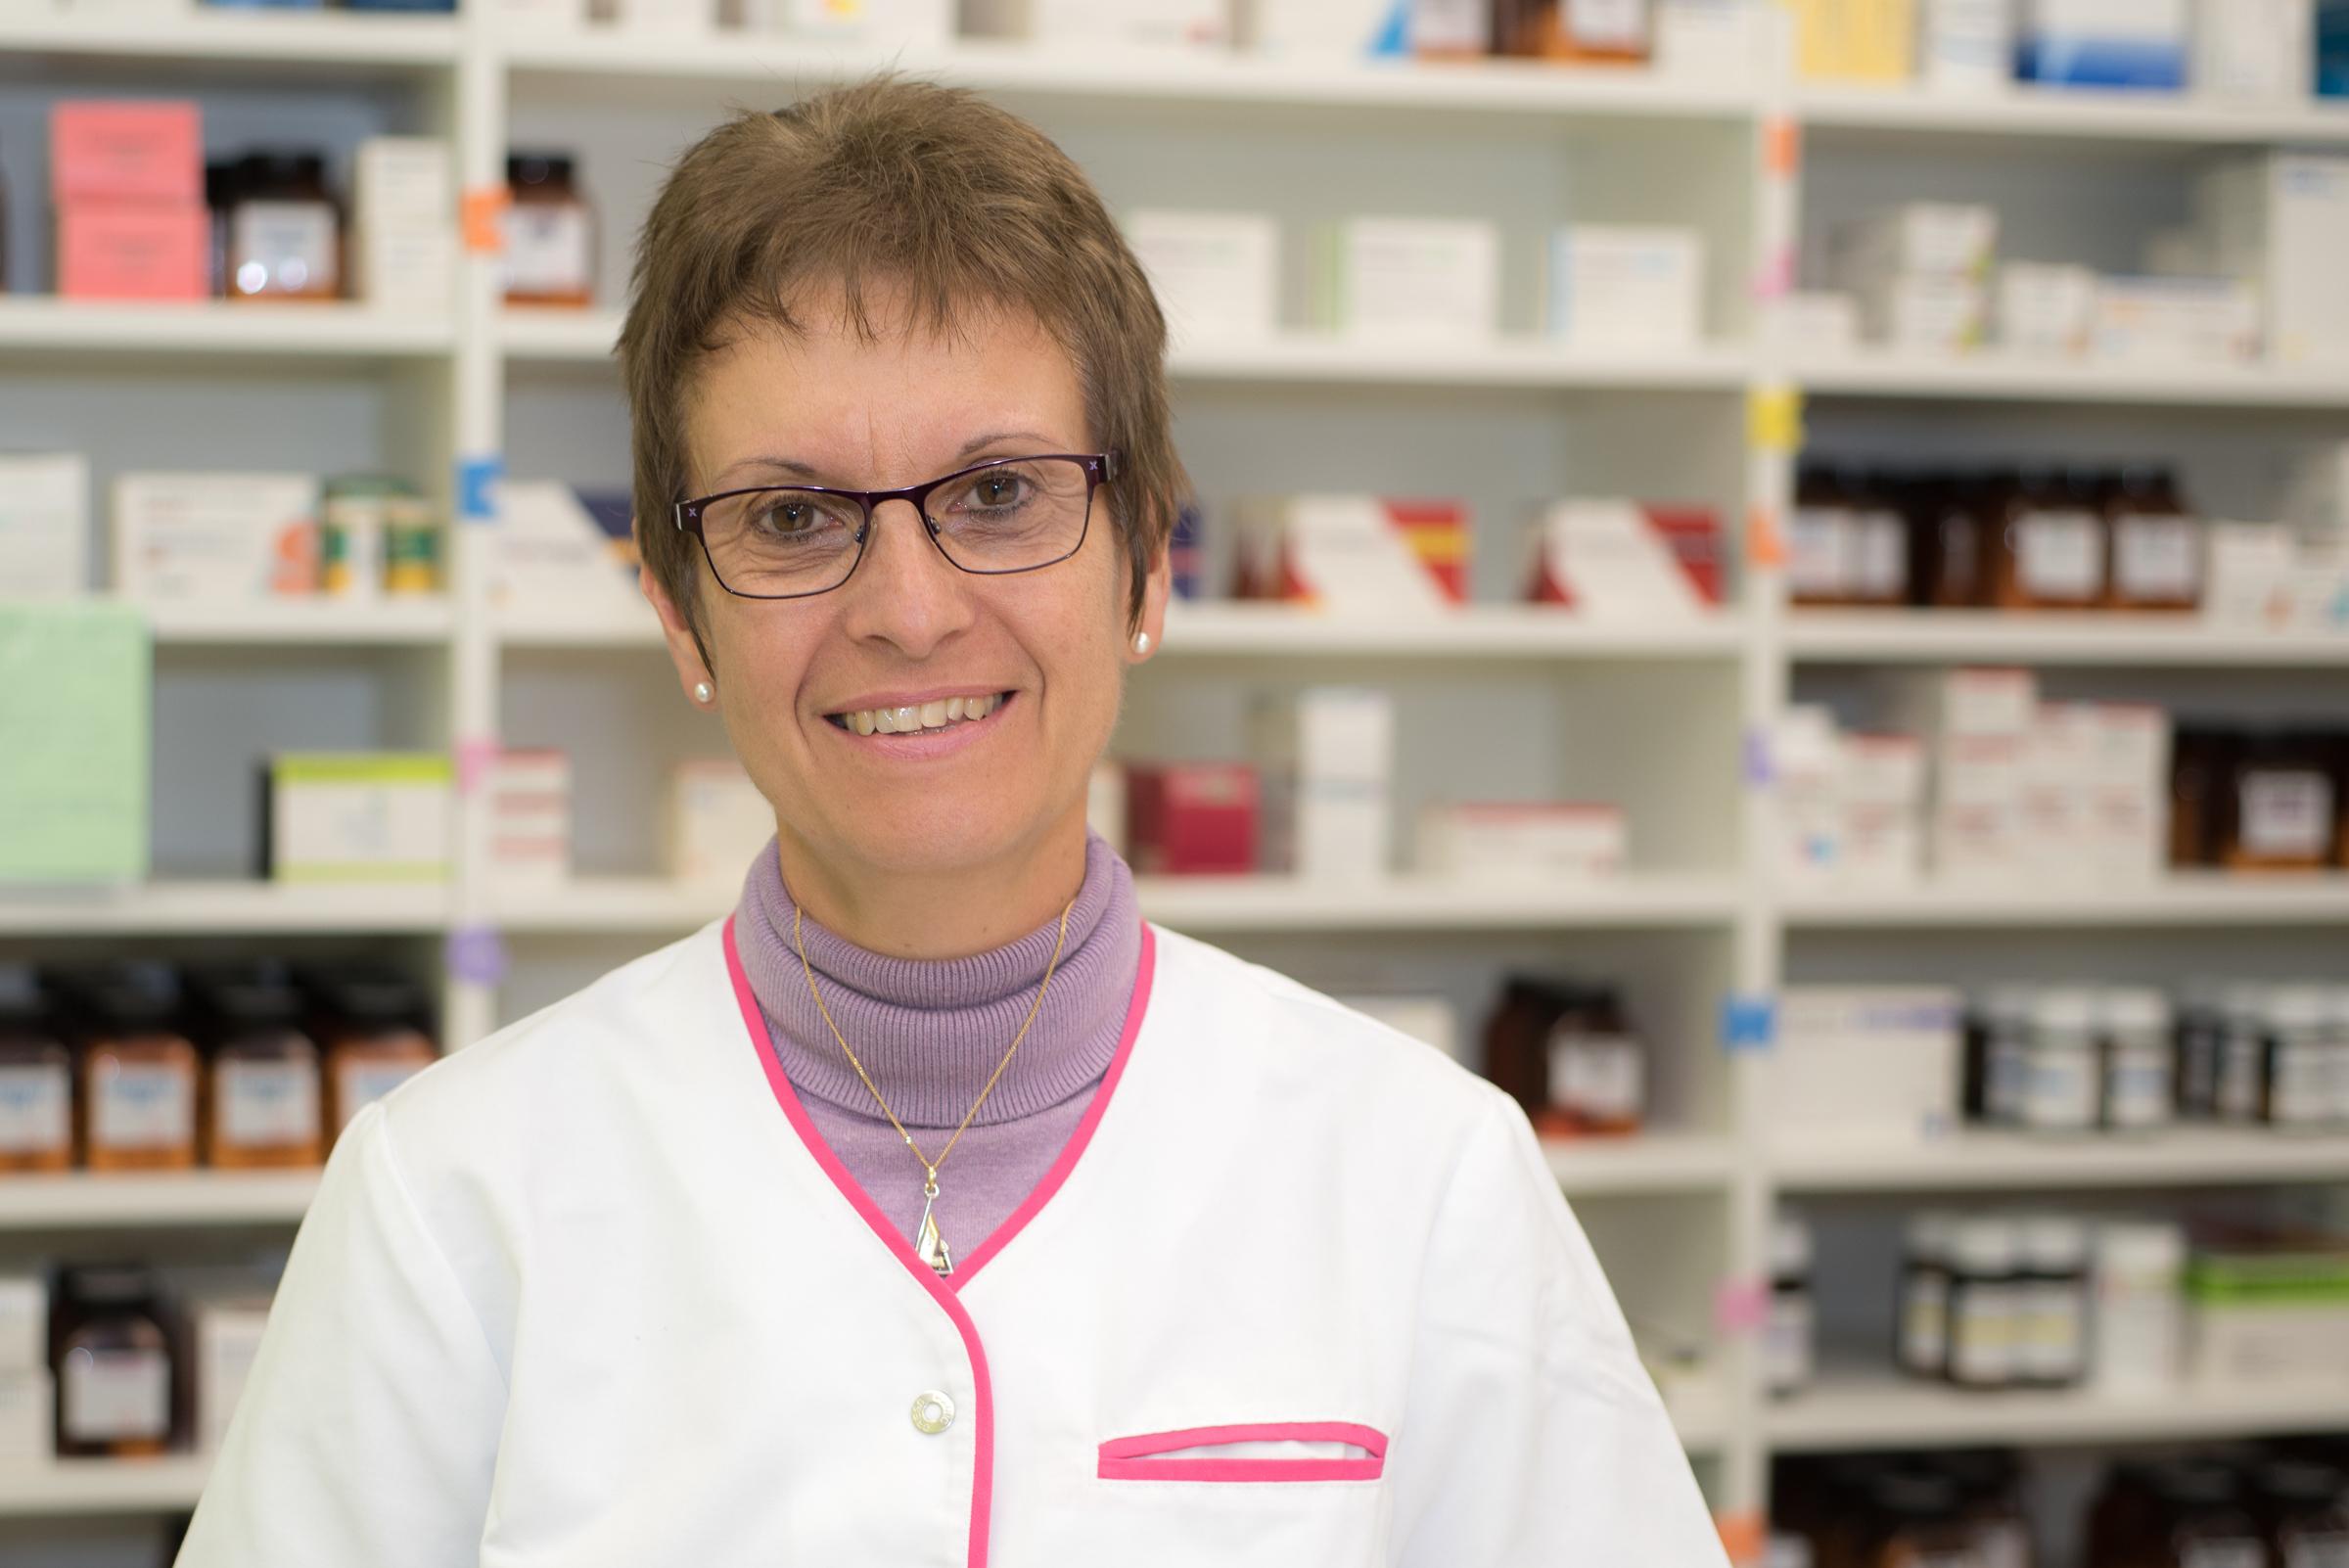 Ursula Horisberger